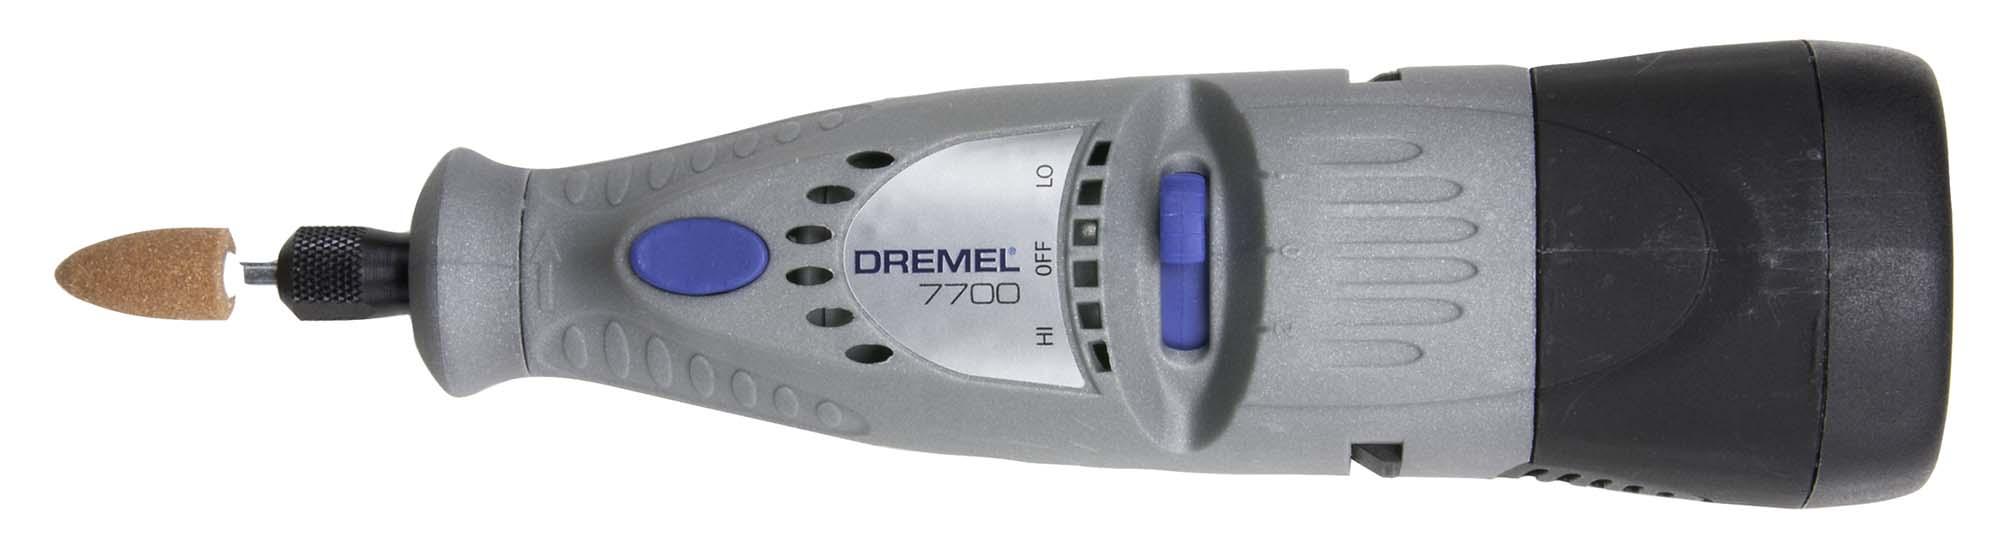 Dremel Cordless Multipro Tool Kit